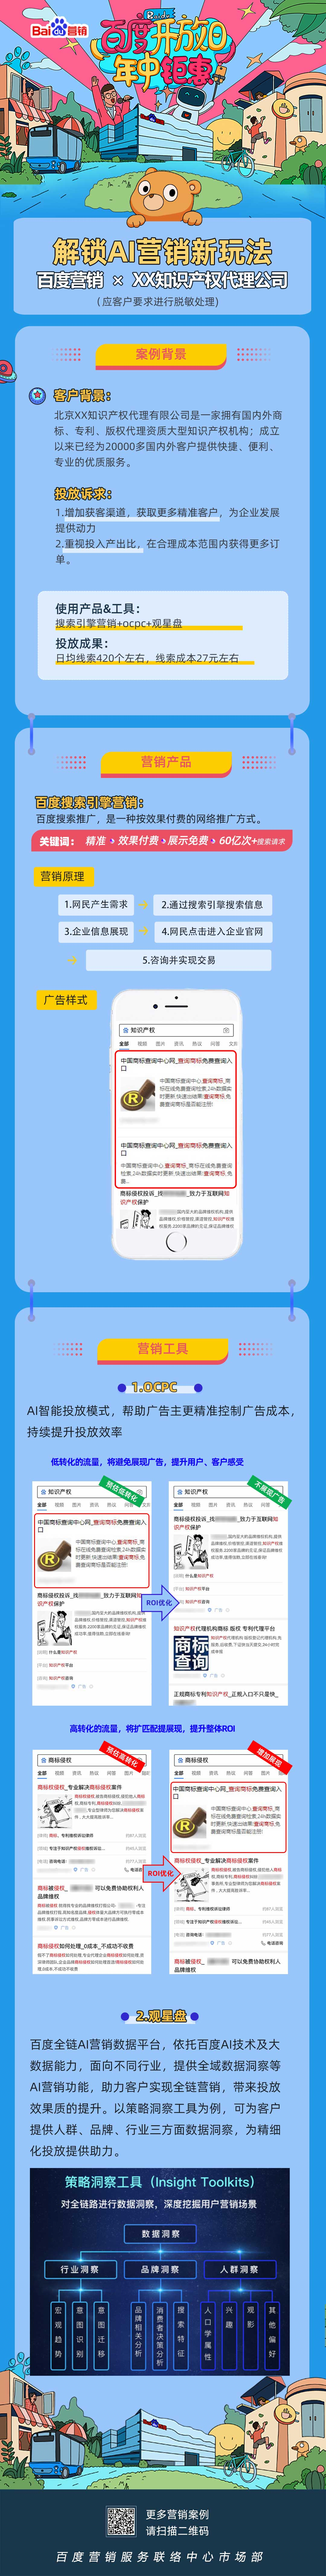 北京XX知识产权代理有限公司.jpg